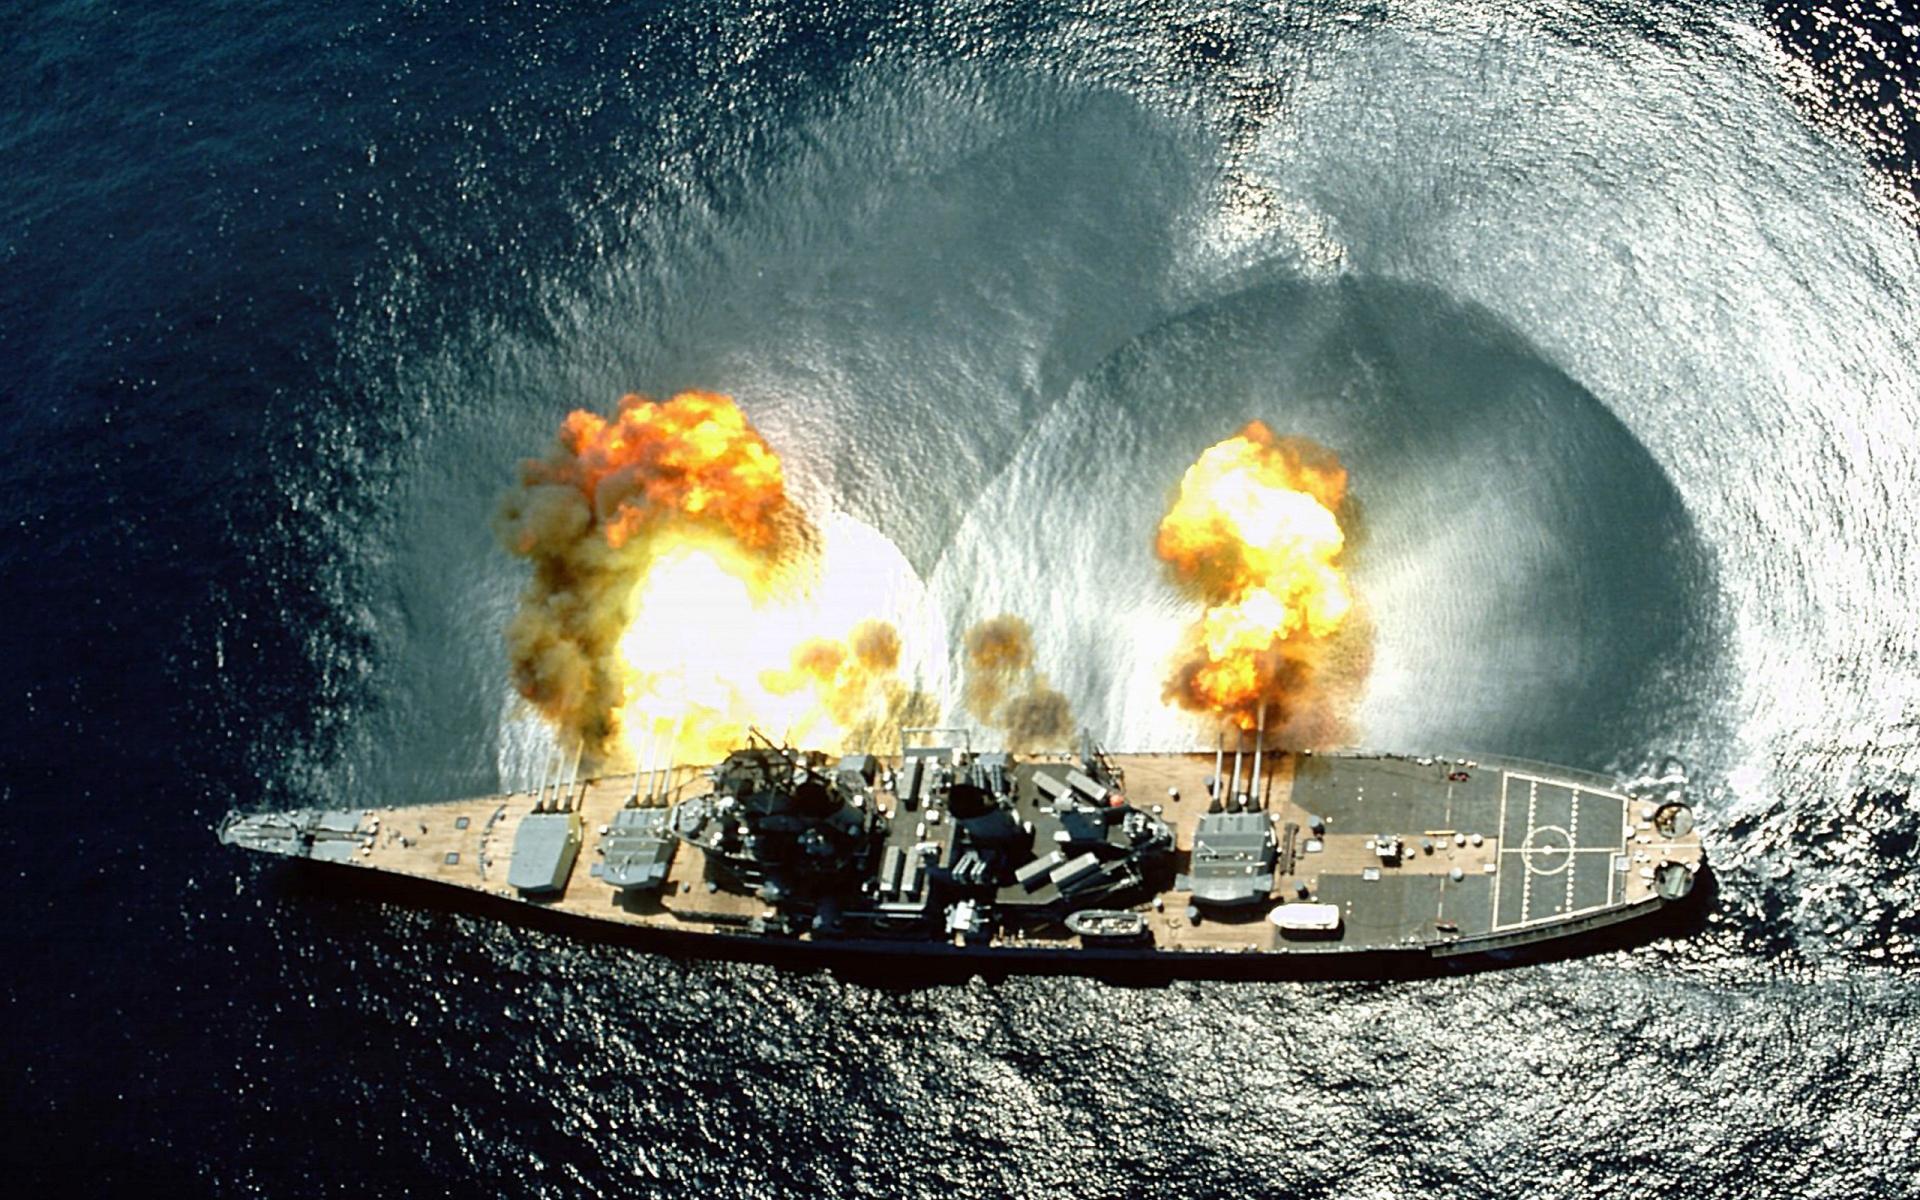 USS Iowa (BB-61) wallpapers HD quality